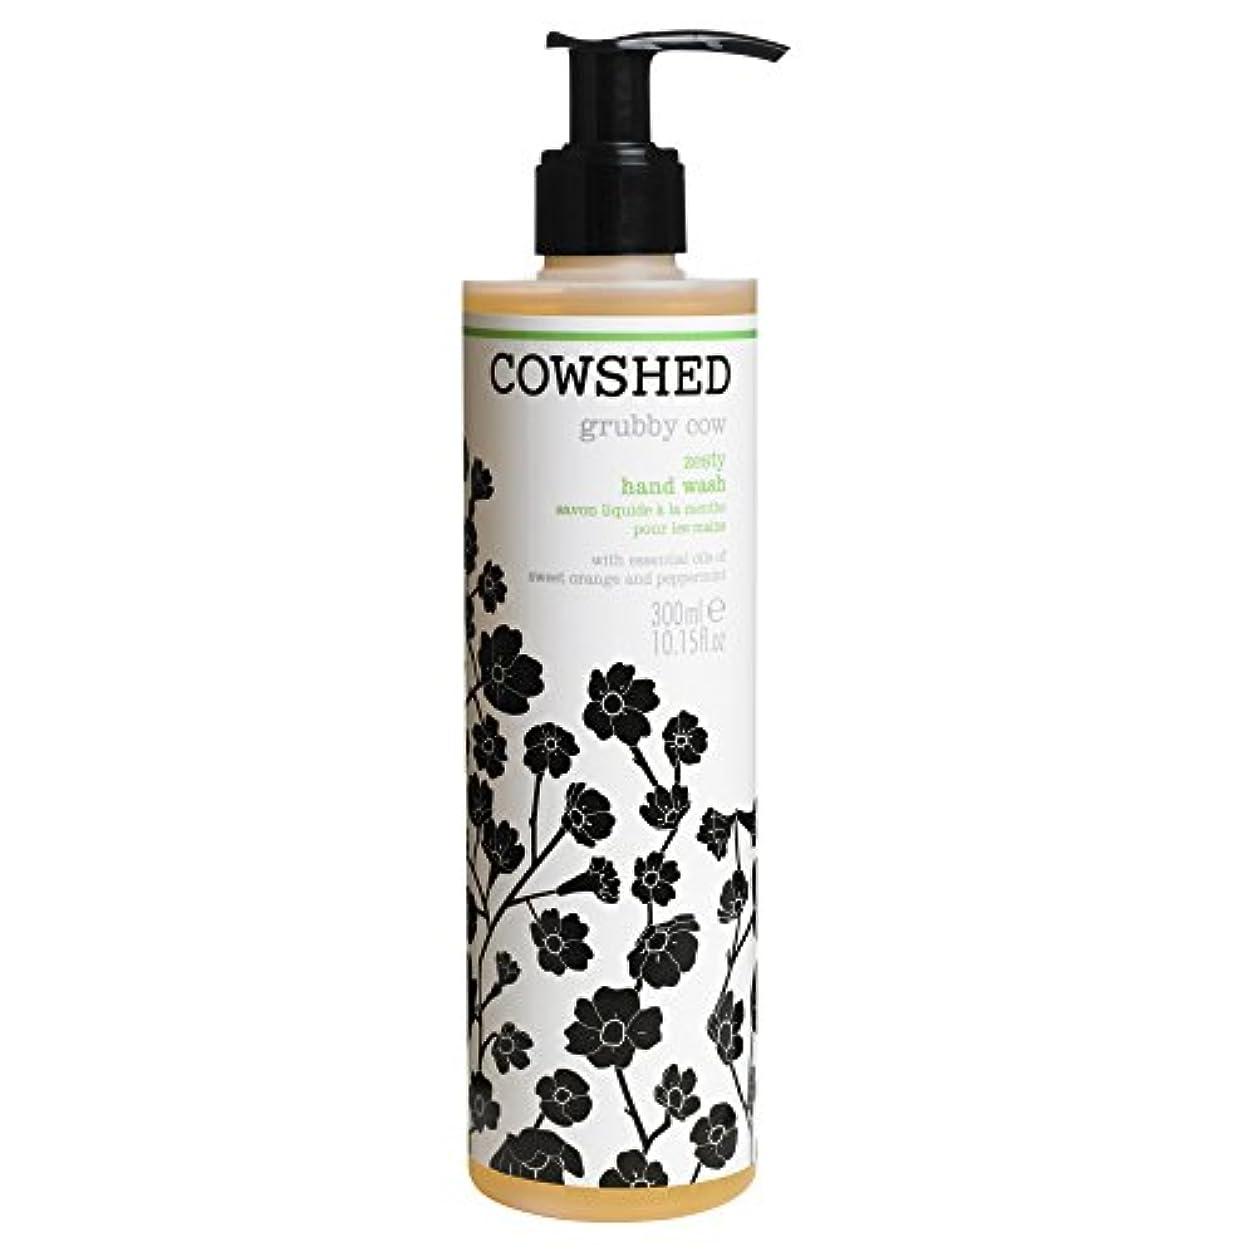 牛肉責任オリエント牛舎汚い牛ピリッハンドウォッシュ300ミリリットル (Cowshed) - Cowshed Grubby Cow Zesty Hand Wash 300ml [並行輸入品]